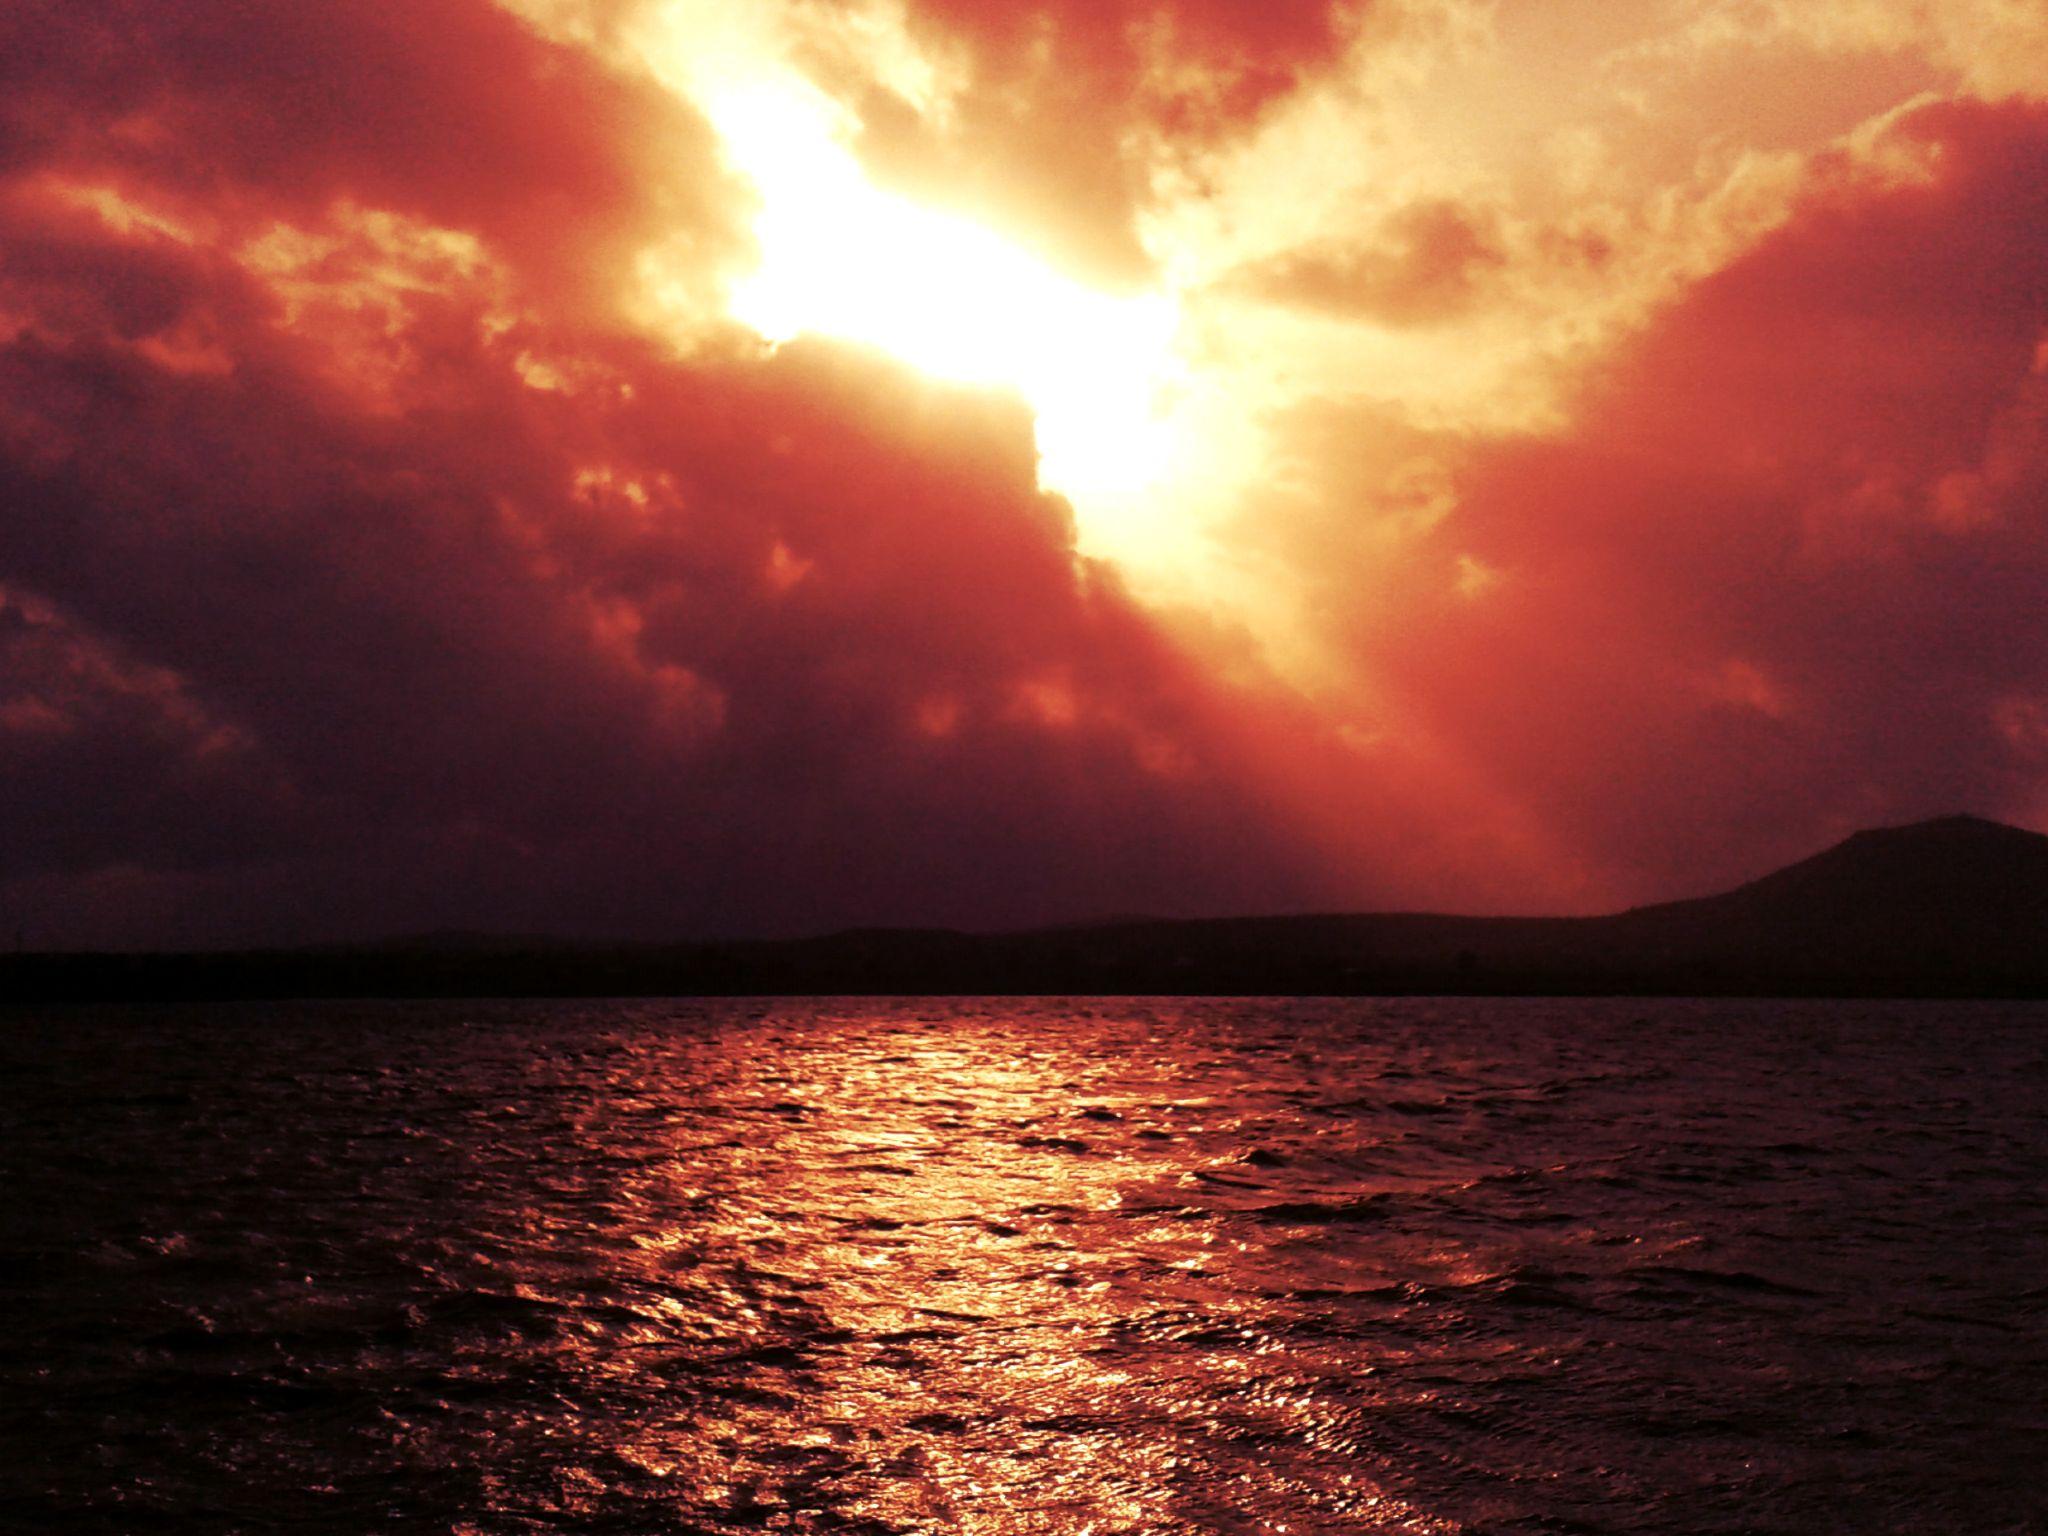 Sunset by Aditya kulkarni